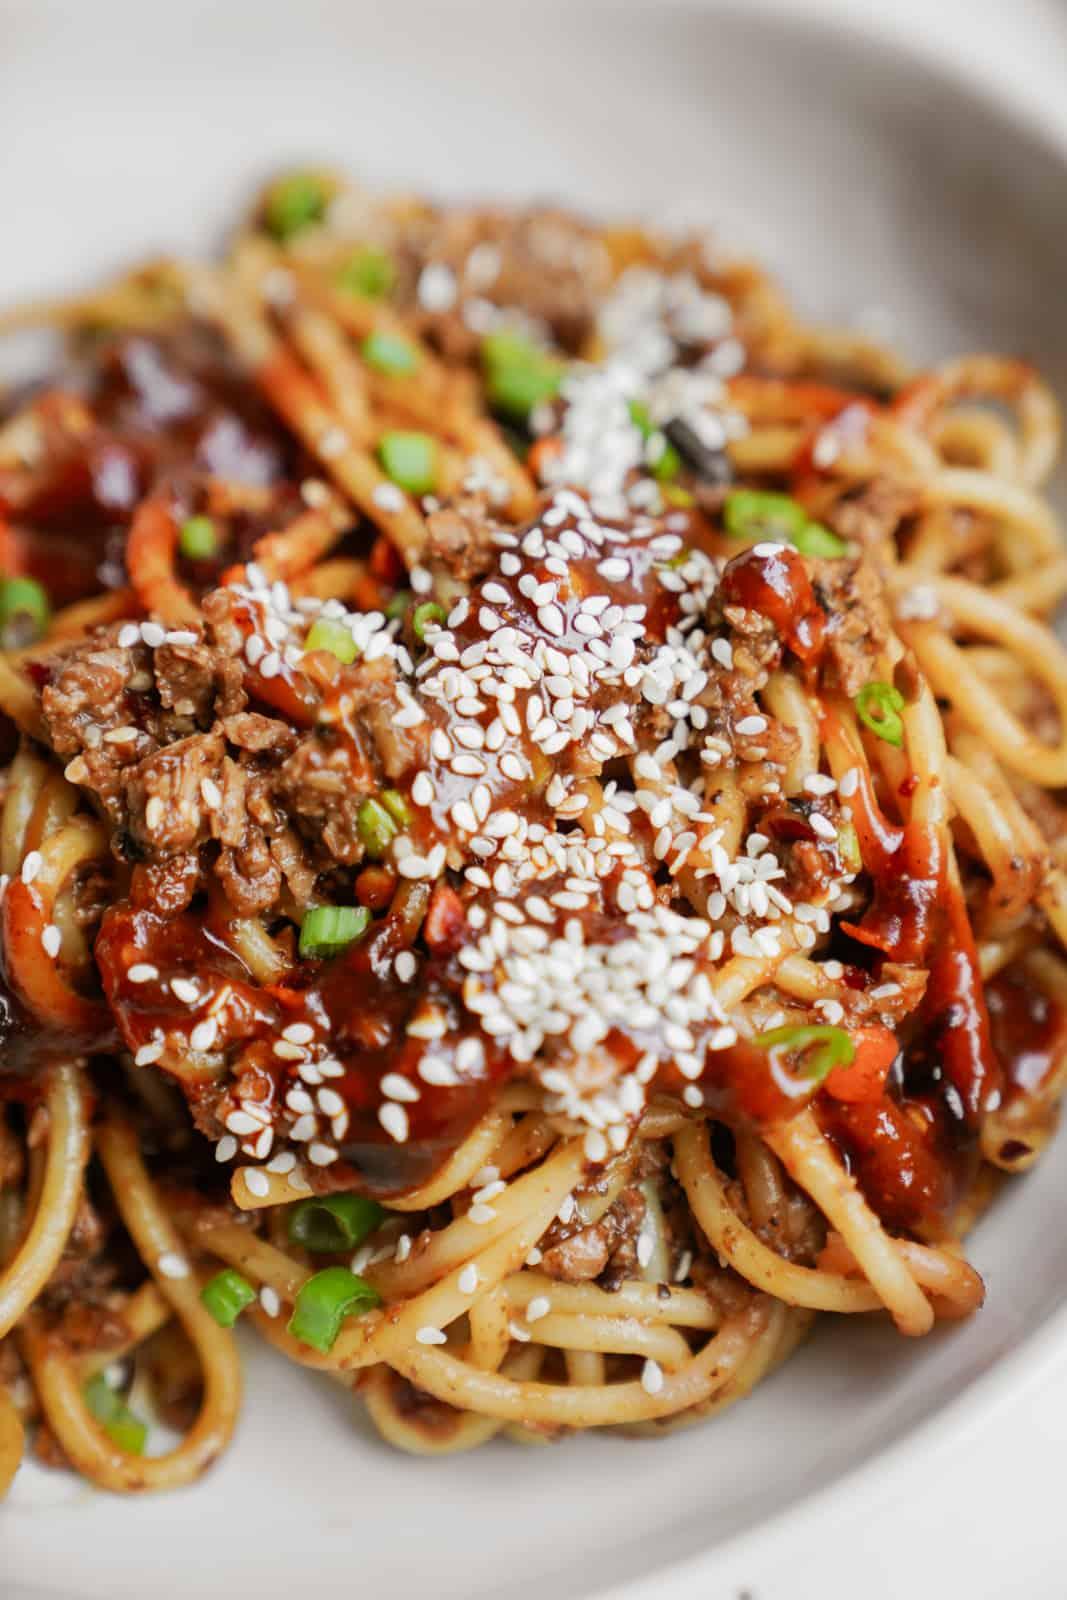 Closeup of vegan dan dan noodles in a white bowl